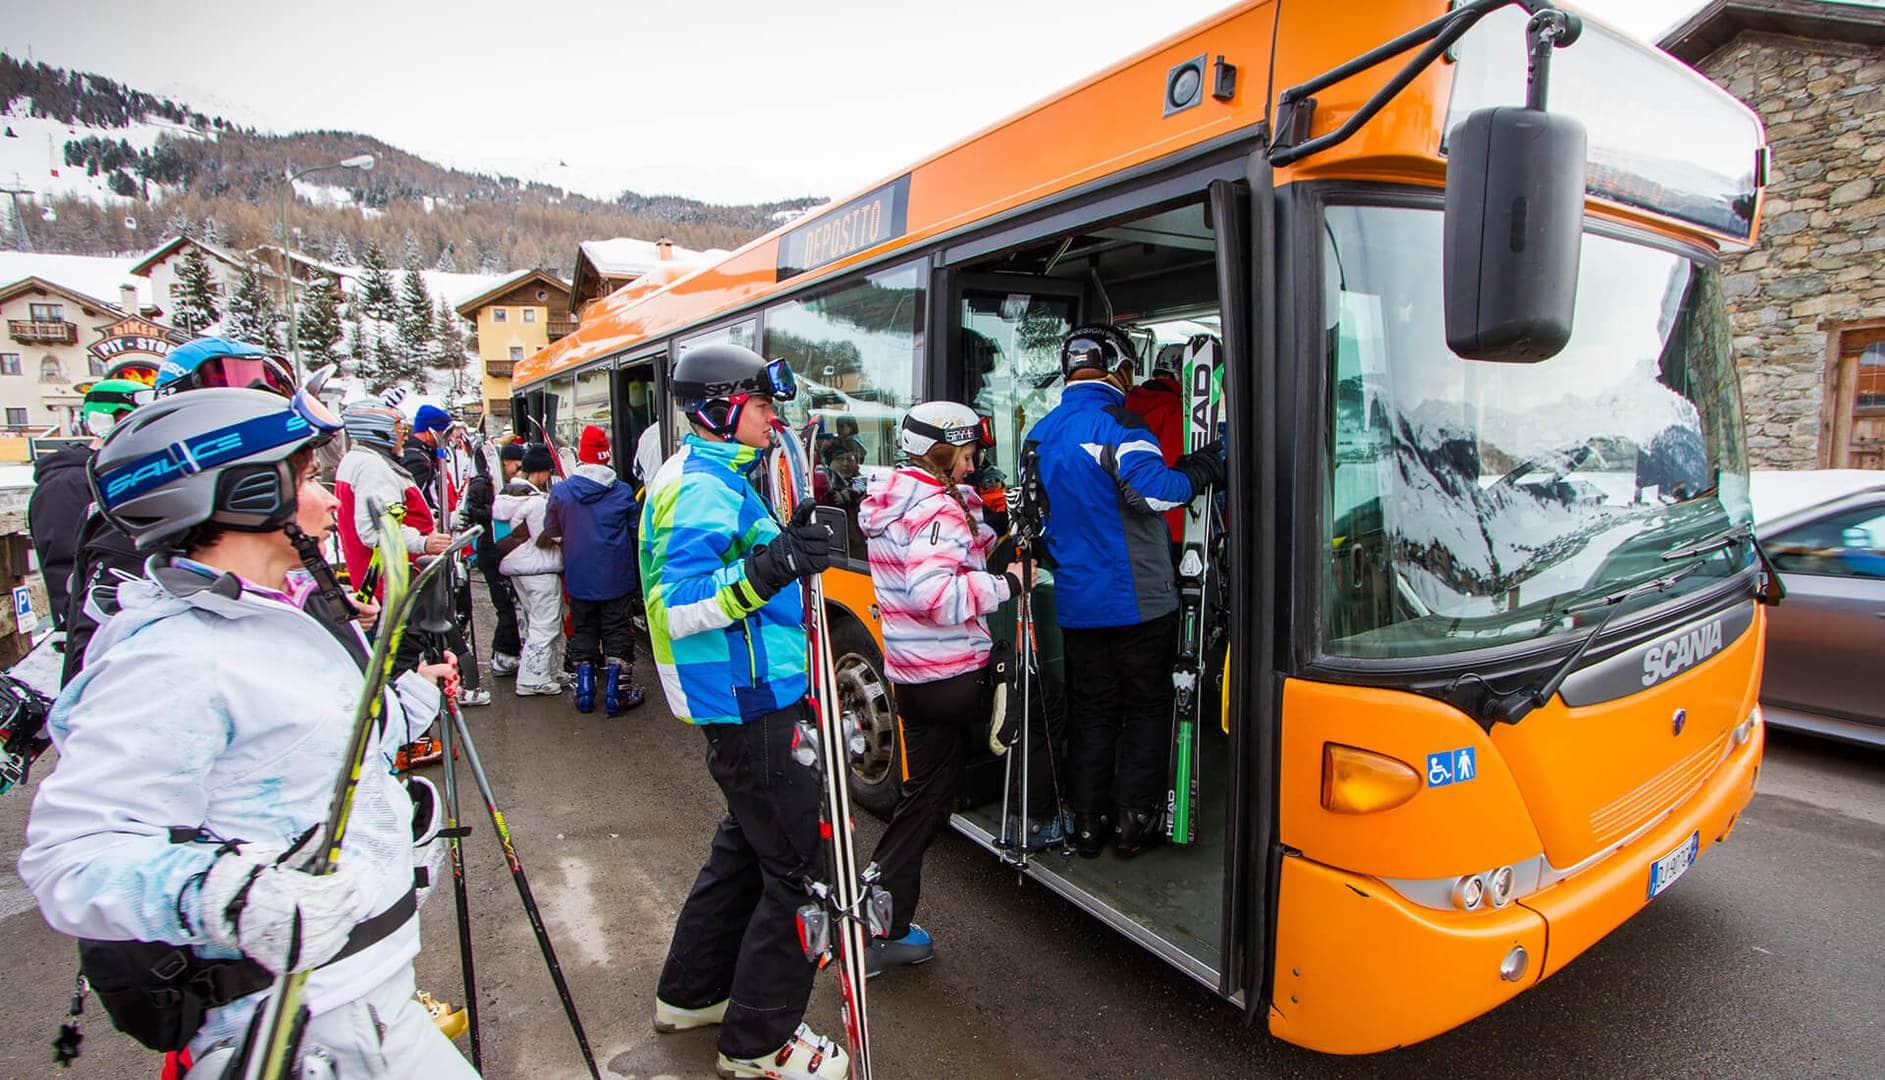 Freebus per sciatori a Livigno durante la stagione invernale